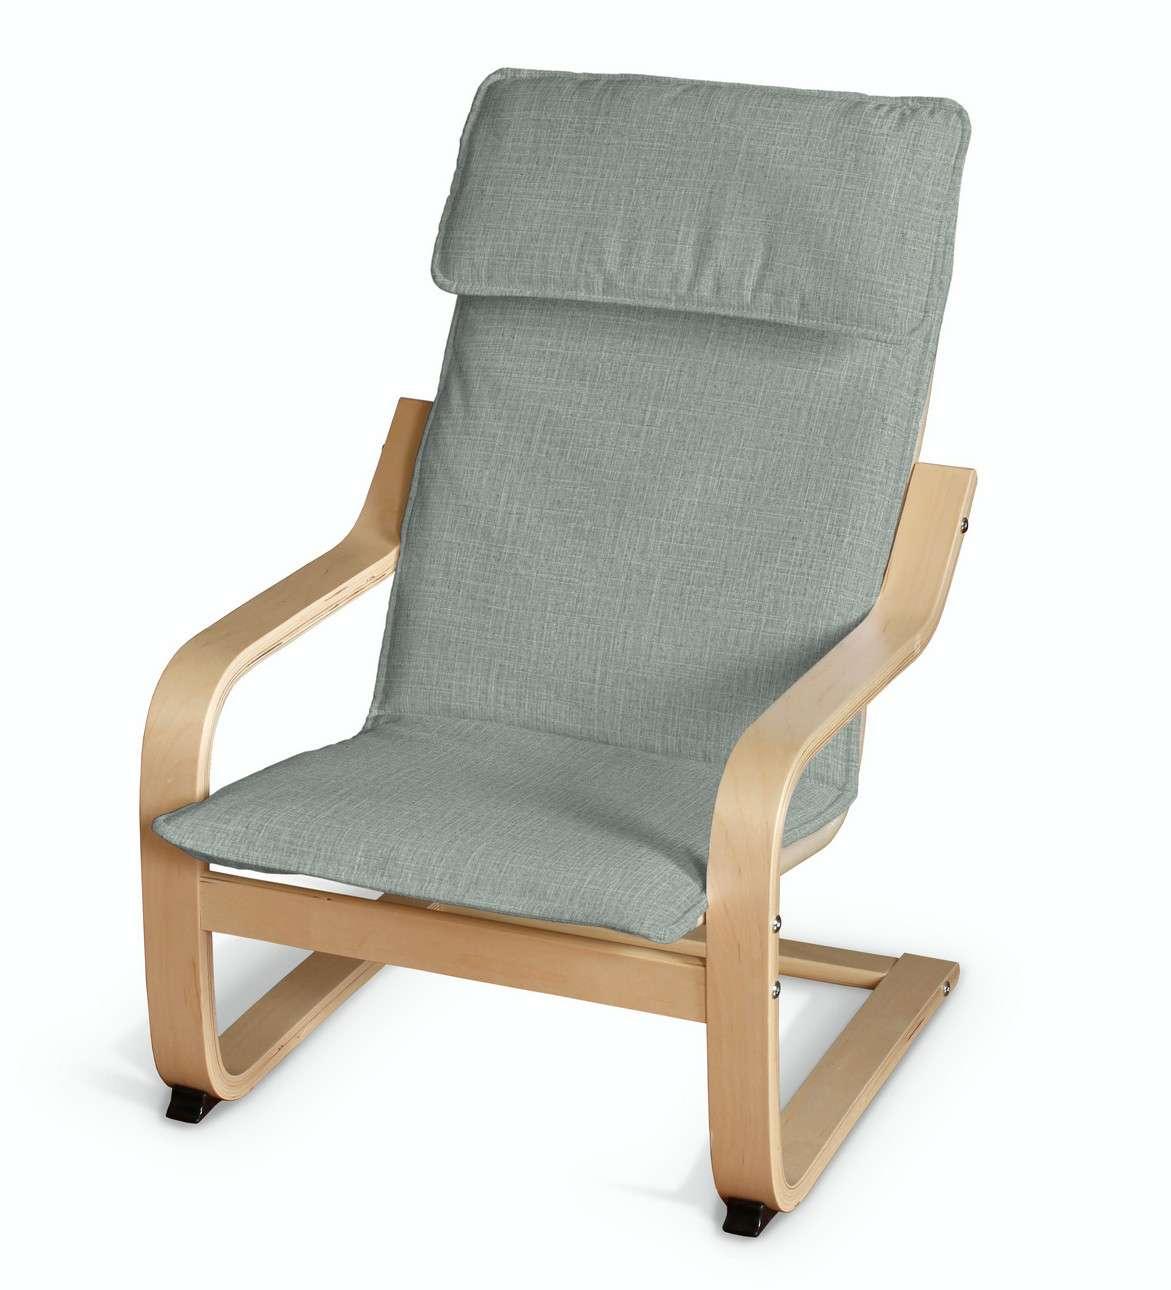 Poduszka na fotelik dziecięcy Poäng w kolekcji Living II, tkanina: 160-86